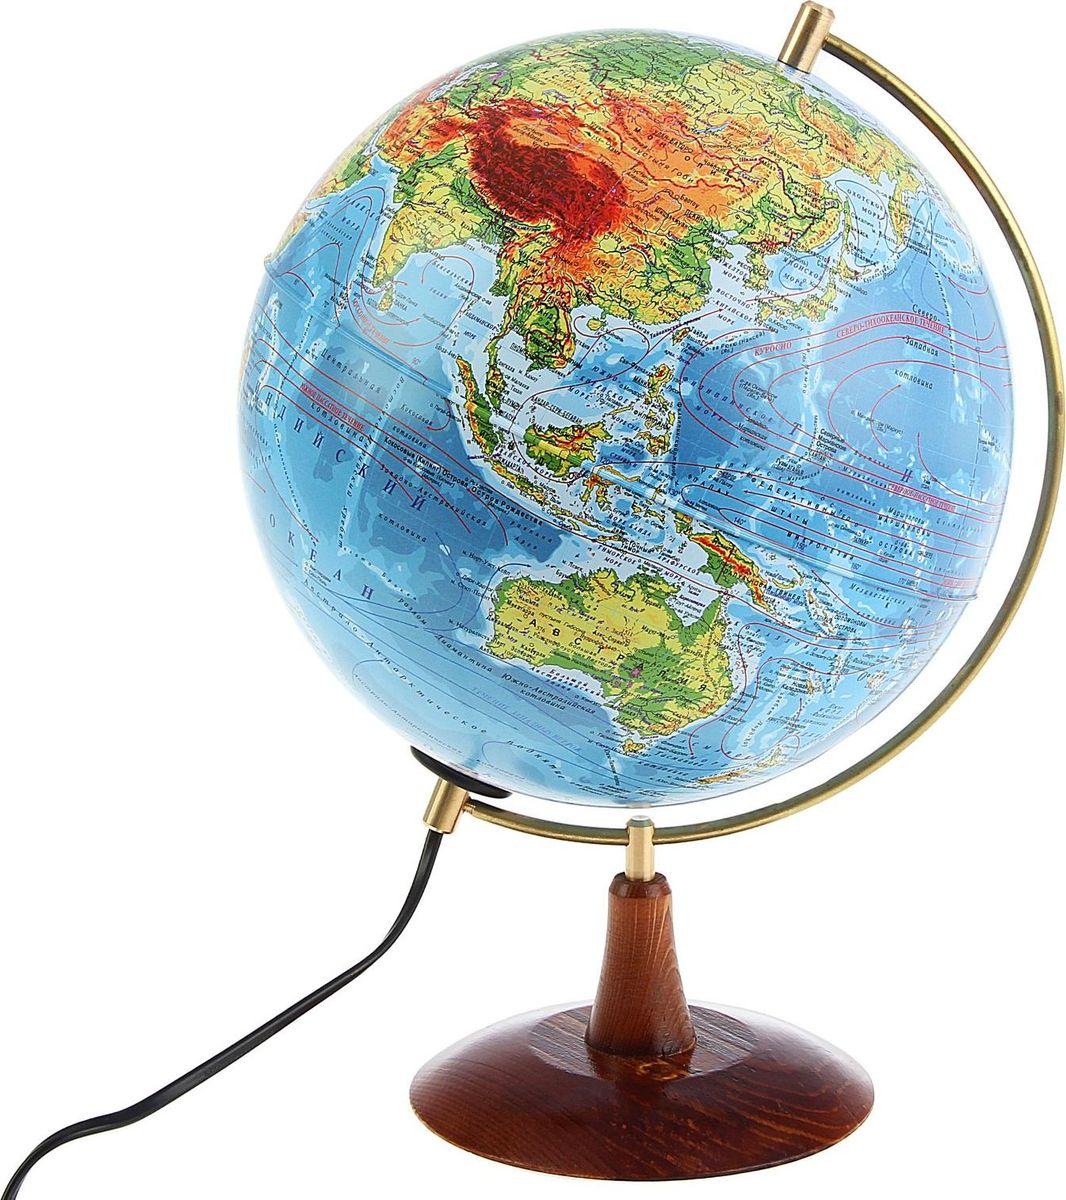 Глобен Глобус физический Элеганс диаметр 25 см1300411Глобус физический Глобен Элеганс на удобной подставке. Изготовлен из высококачественного пластика. Яркие цвета и точная картография.Глобус - самый простой способ привить ребенку любовь к географии. Он является отличным наглядным примером, который способен в игровой доступной и понятной форме объяснить понятия о планете Земля.Также интерес к глобусу проявят не только детки, но и взрослые.